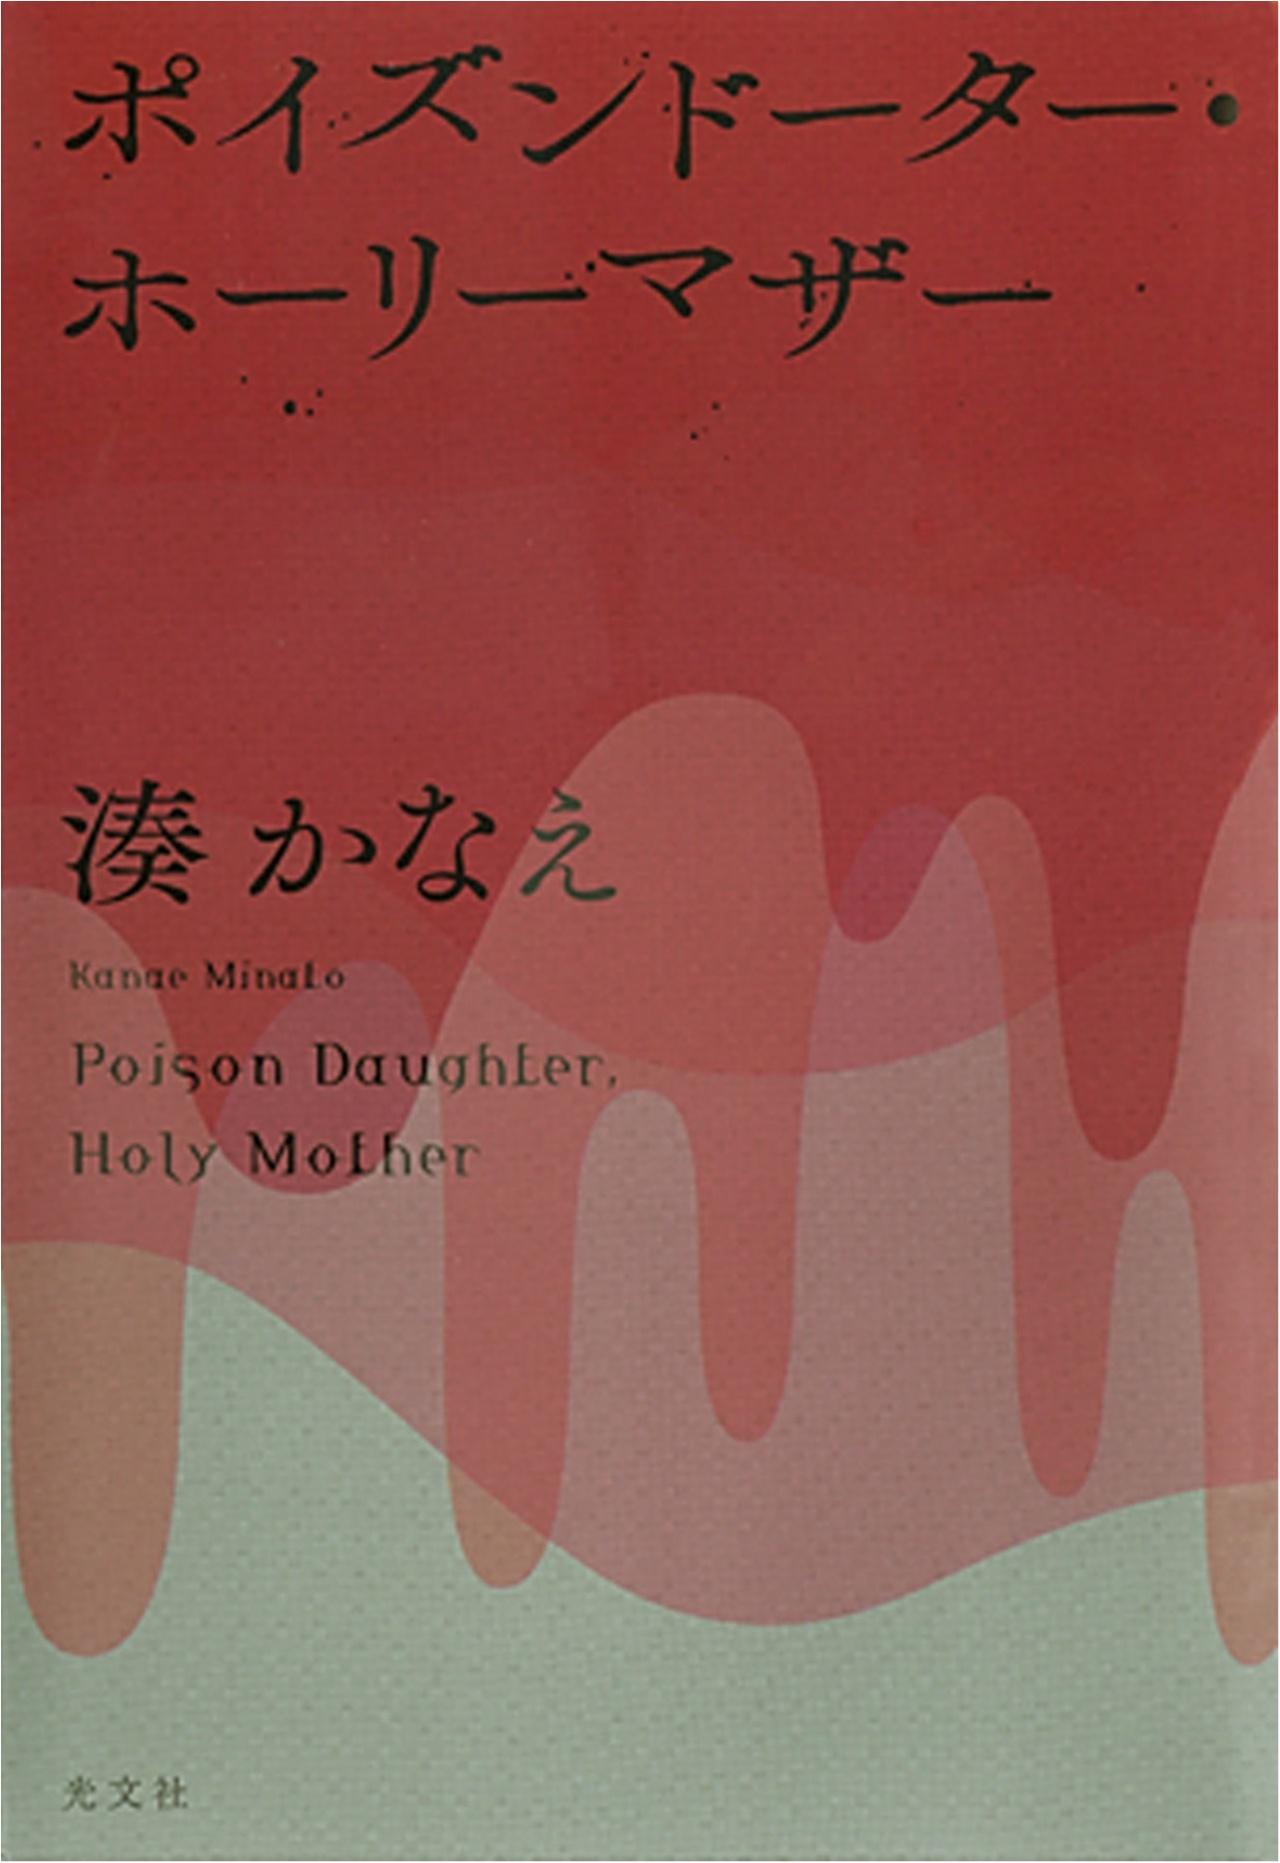 今月のオススメ★BOOK『ポイズンドーター・ホーリーマザー』『はじめてのひと』1巻_1